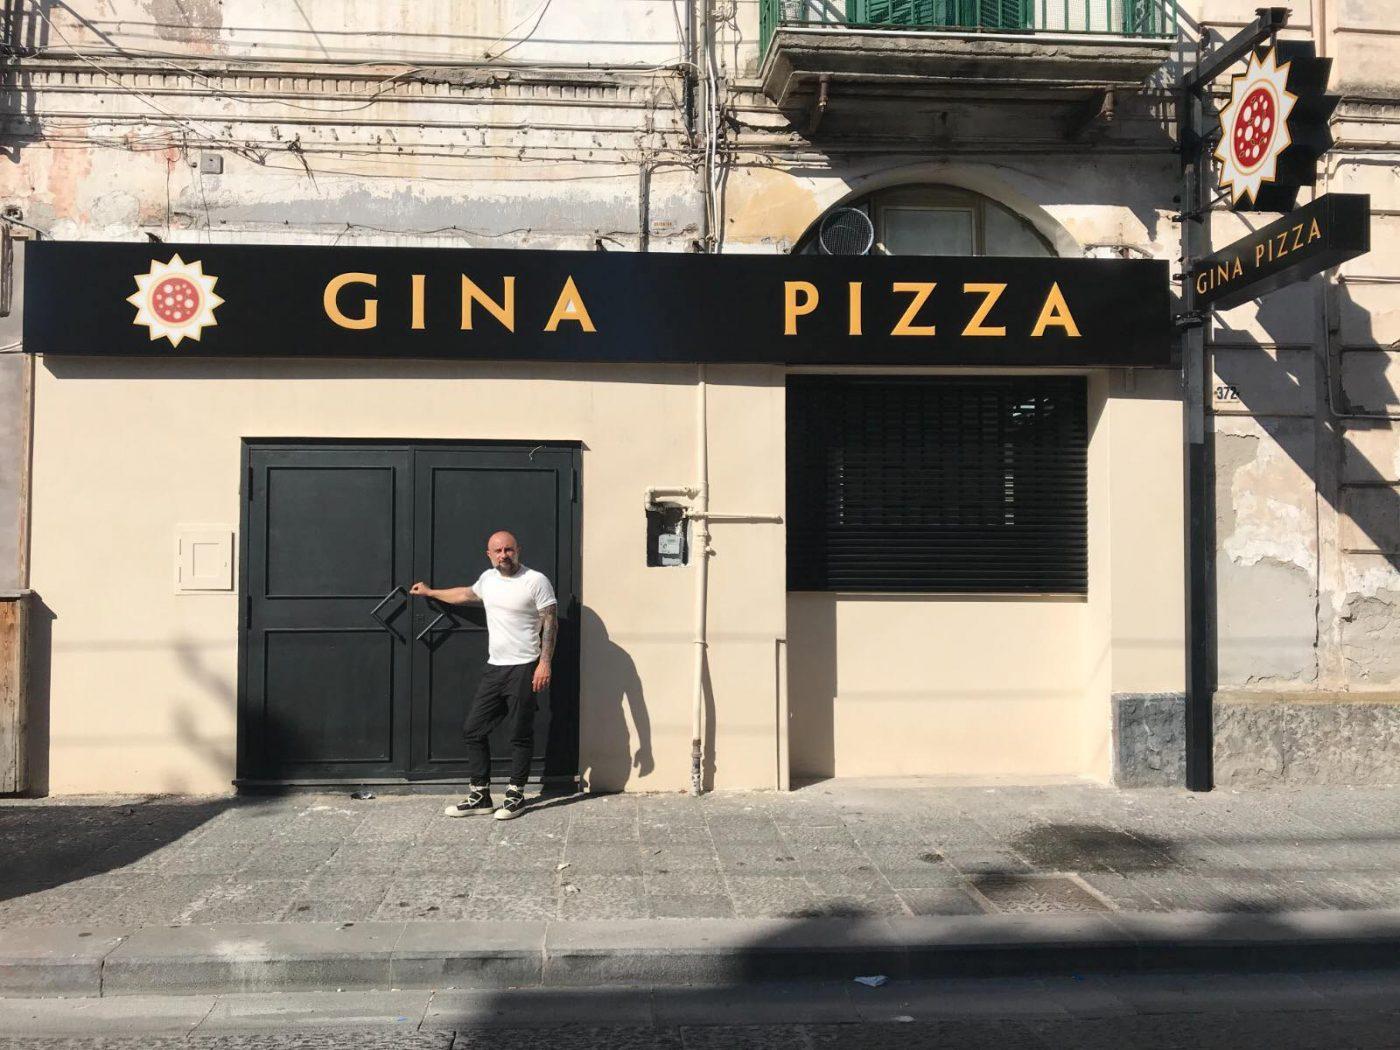 Gina Pizza a Ercolano di Giuseppe Pignalosa